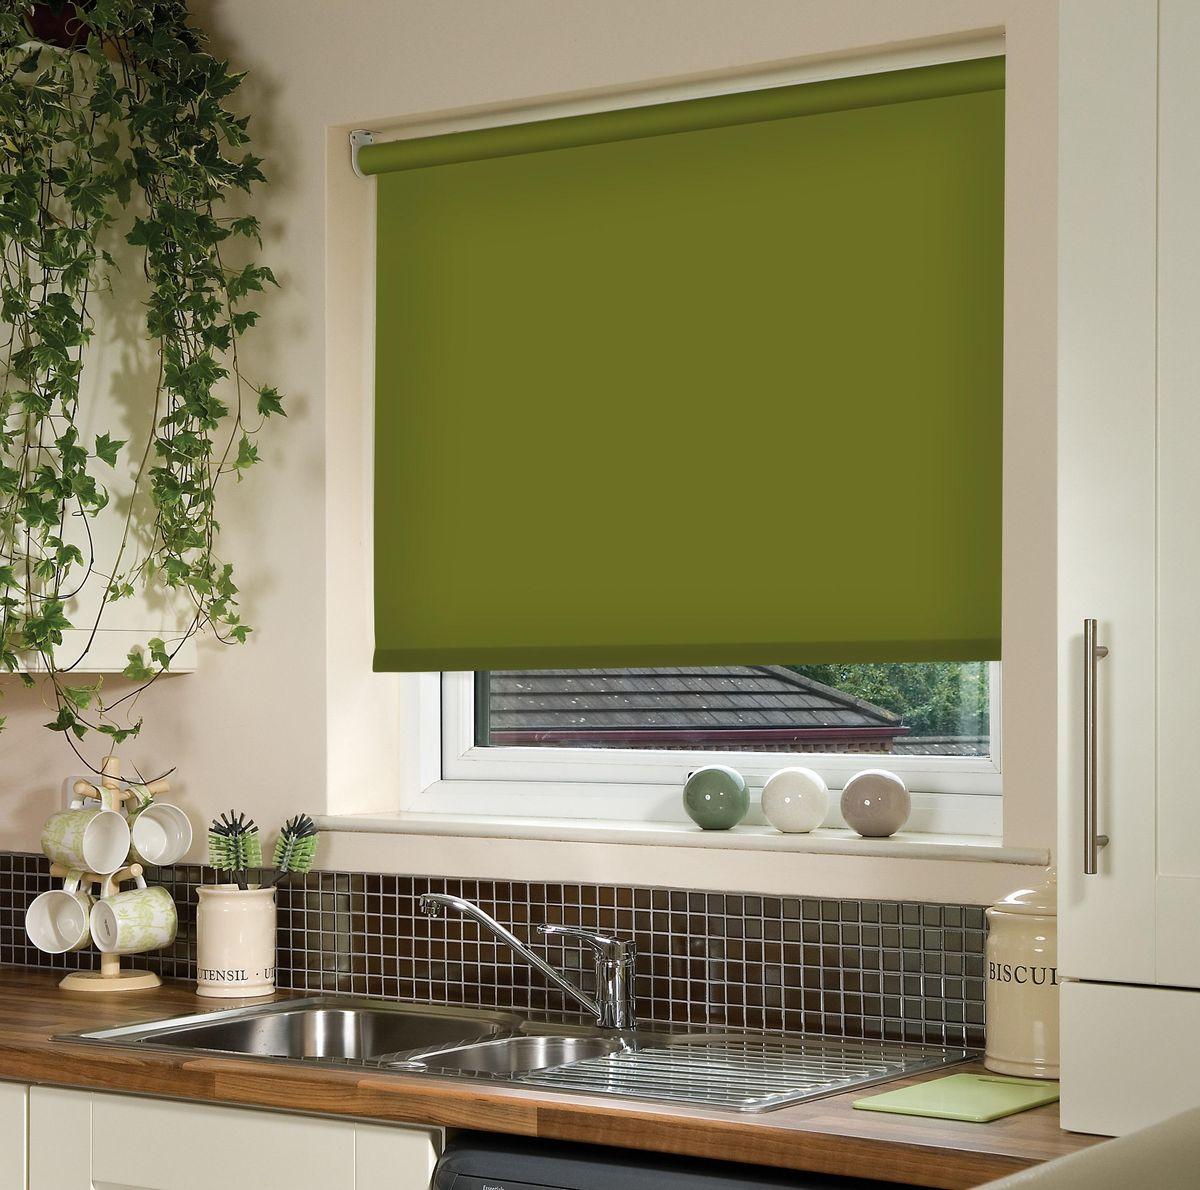 Штора рулонная Эскар, цвет: темно-оливковый, ширина 130 см, высота 170 см81018130170Рулонными шторами можно оформлять окна как самостоятельно, так и использовать в комбинации с портьерами. Это поможет предотвратить выгорание дорогой ткани на солнце и соединит функционал рулонных с красотой навесных. Преимущества применения рулонных штор для пластиковых окон: - имеют прекрасный внешний вид: многообразие и фактурность материала изделия отлично смотрятся в любом интерьере; - многофункциональны: есть возможность подобрать шторы способные эффективно защитить комнату от солнца, при этом о на не будет слишком темной. - Есть возможность осуществить быстрый монтаж. ВНИМАНИЕ! Размеры ширины изделия указаны по ширине ткани! Во время эксплуатации не рекомендуется полностью разматывать рулон, чтобы не оторвать ткань от намоточного вала. В случае загрязнения поверхности ткани, чистку шторы проводят одним из способов, в зависимости от типа загрязнения: легкое поверхностное загрязнение можно удалить при помощи...